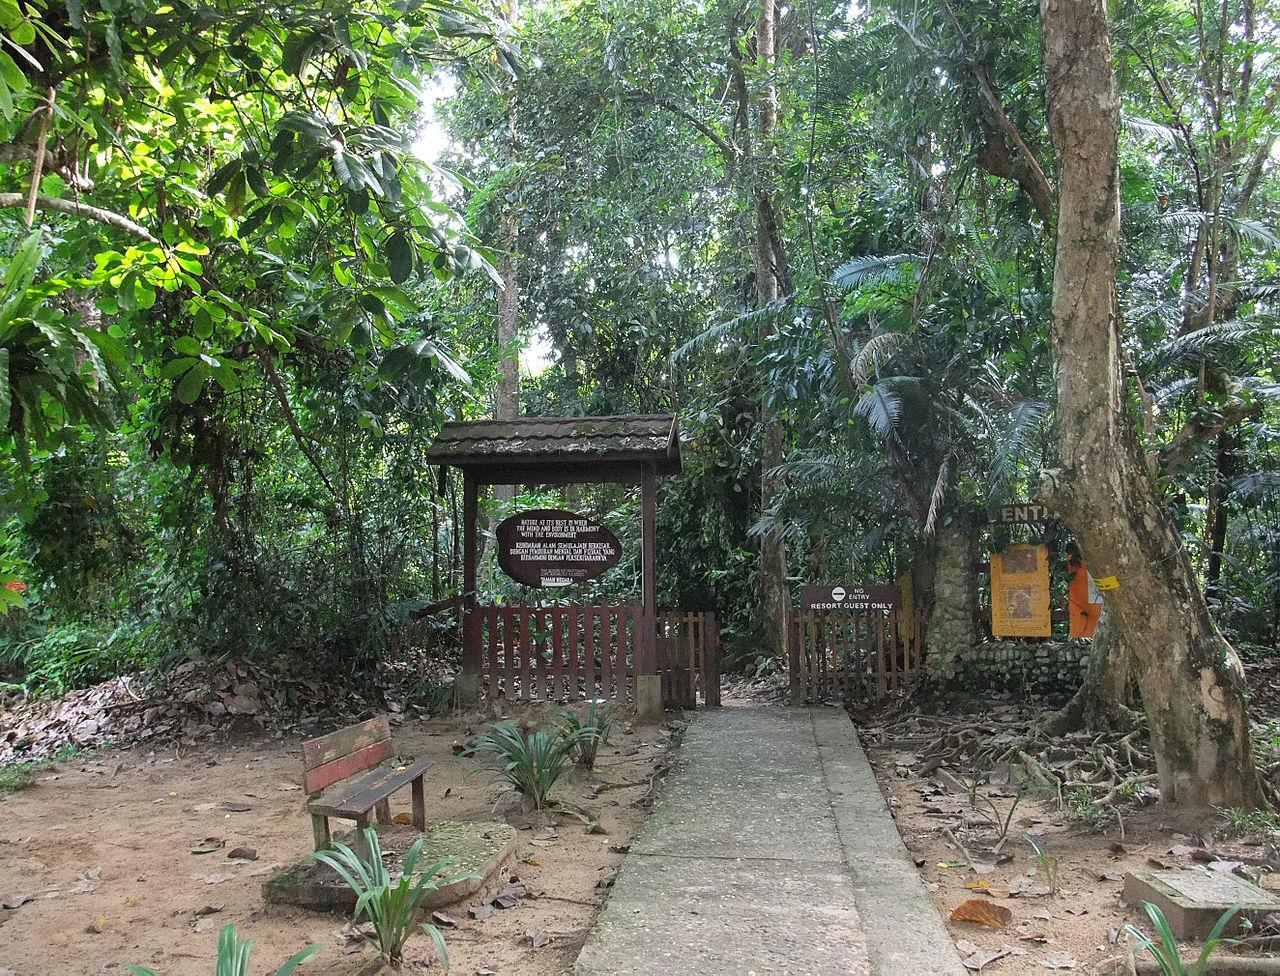 Taman Negara National Park, Malaysia - Activities ...